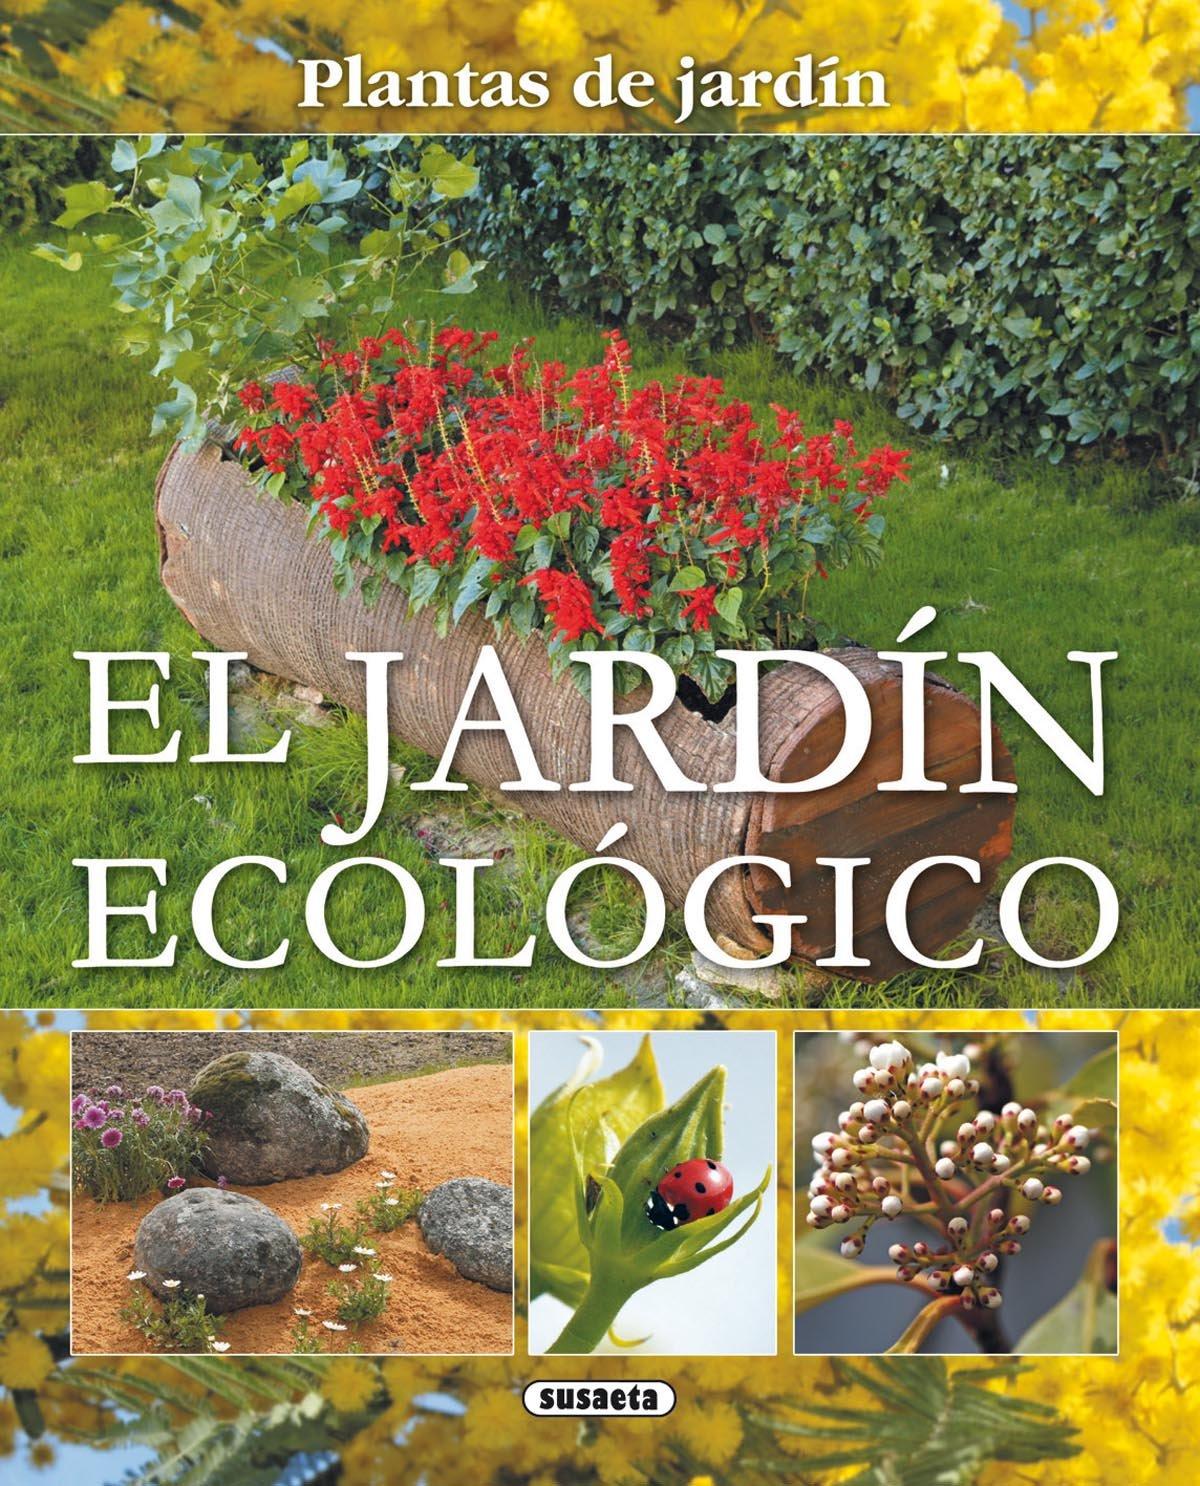 Jardin Ecologico Plantas De Jardin Plantas De Jardín: Amazon.es: Equipo  Susaeta: Libros